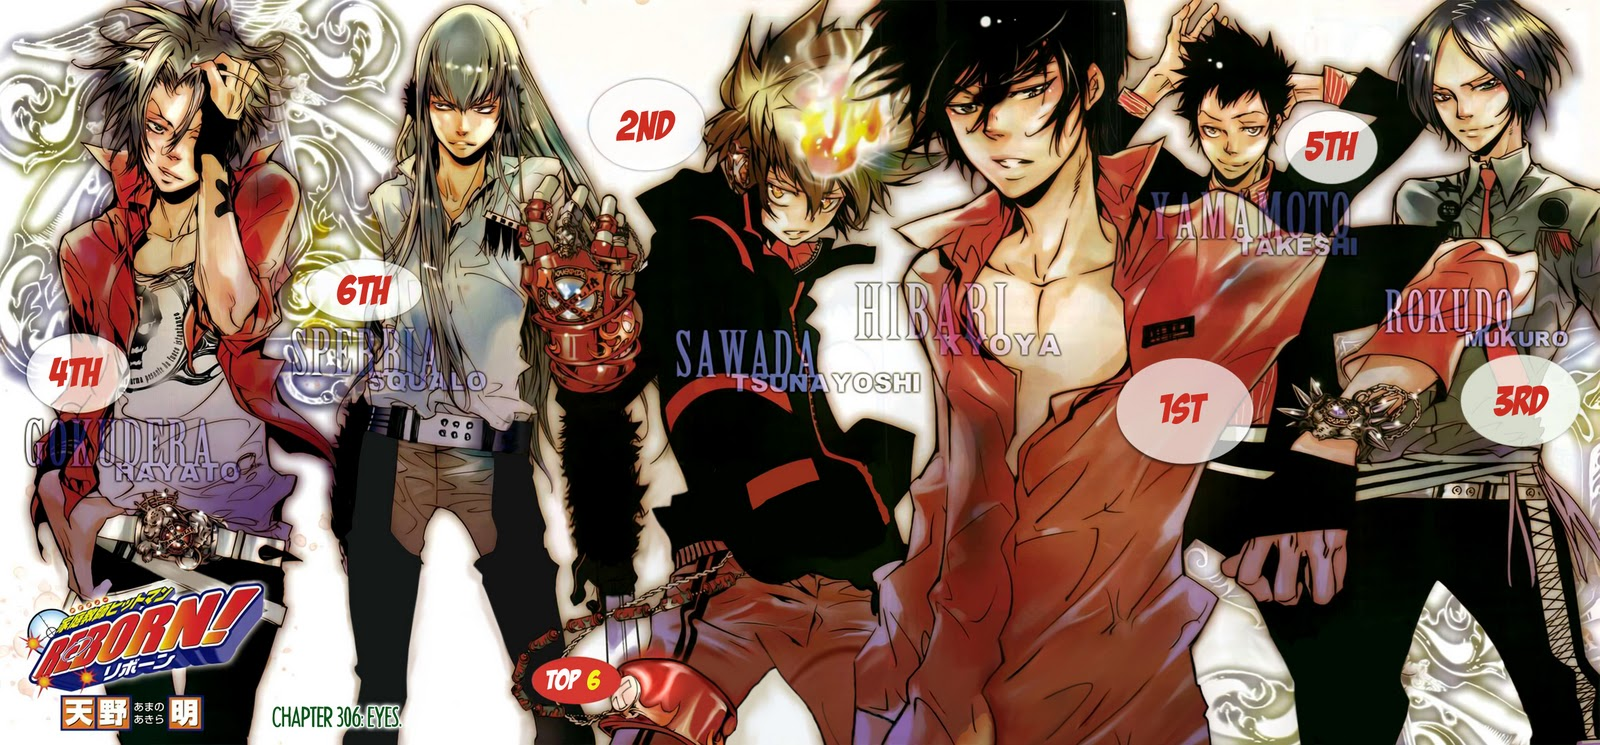 Anime Wallpapers Katekyo Hitman Reborn Wallpapers